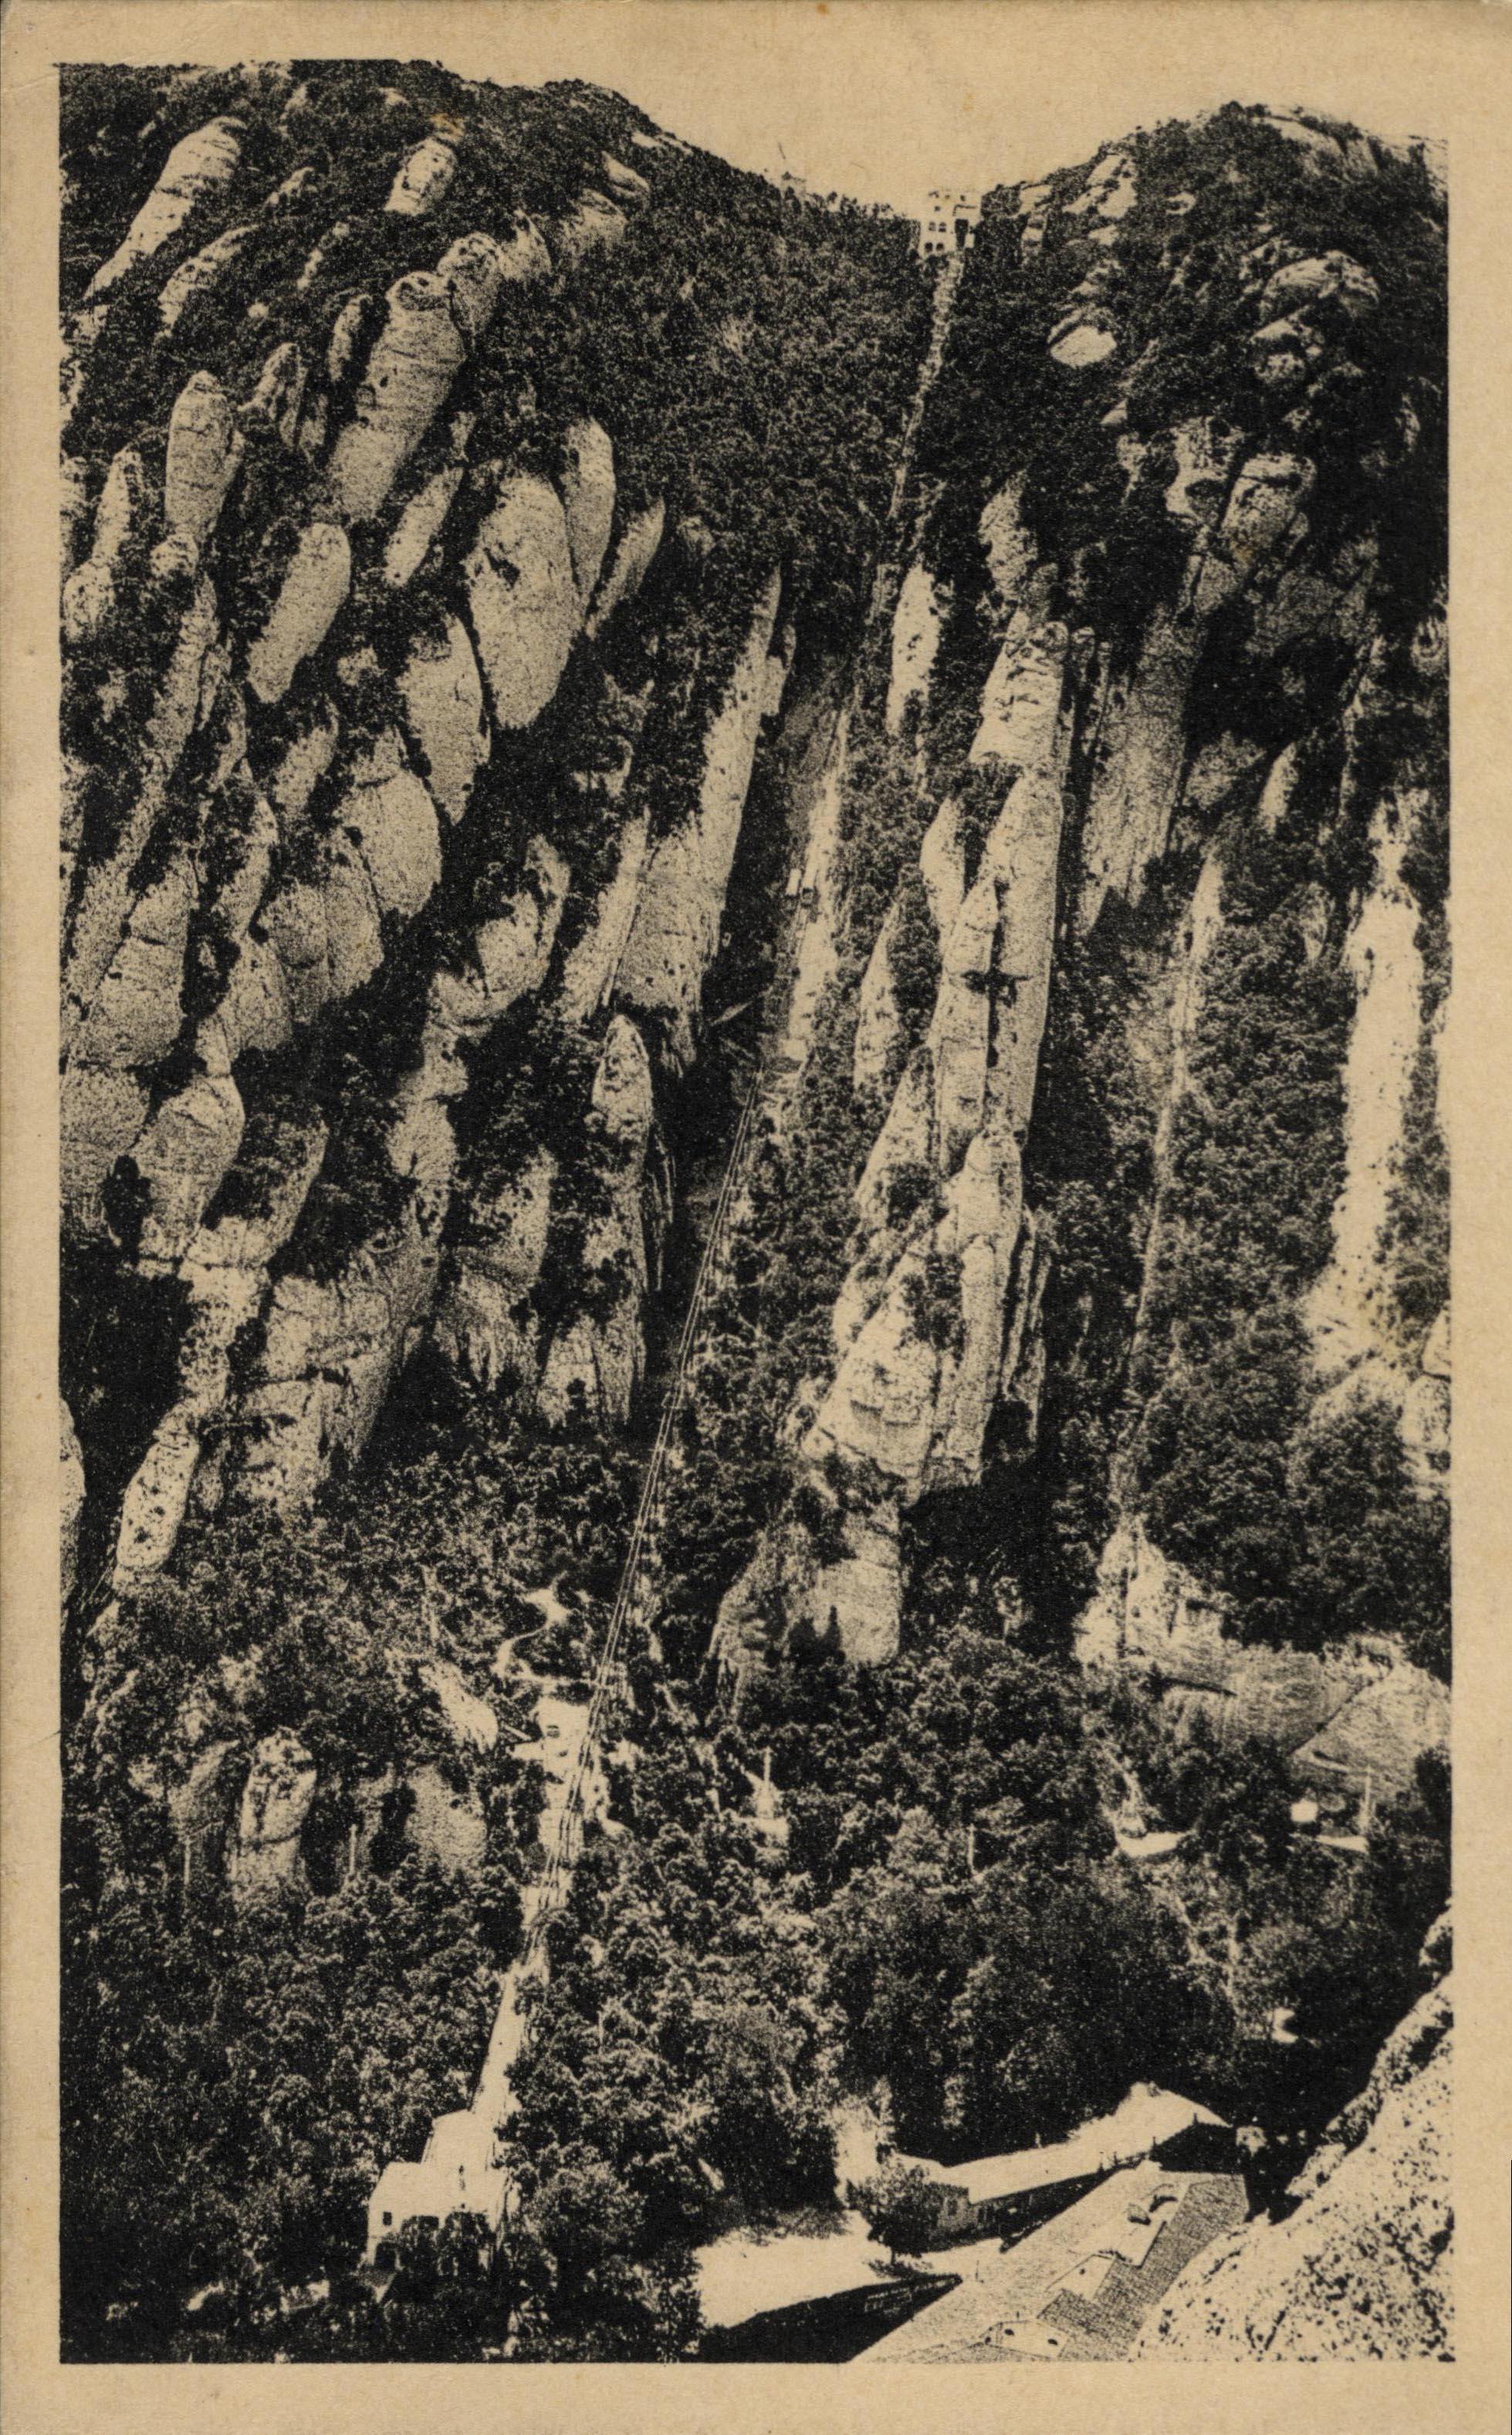 Montserrat album de postals 20101202170700878 girada